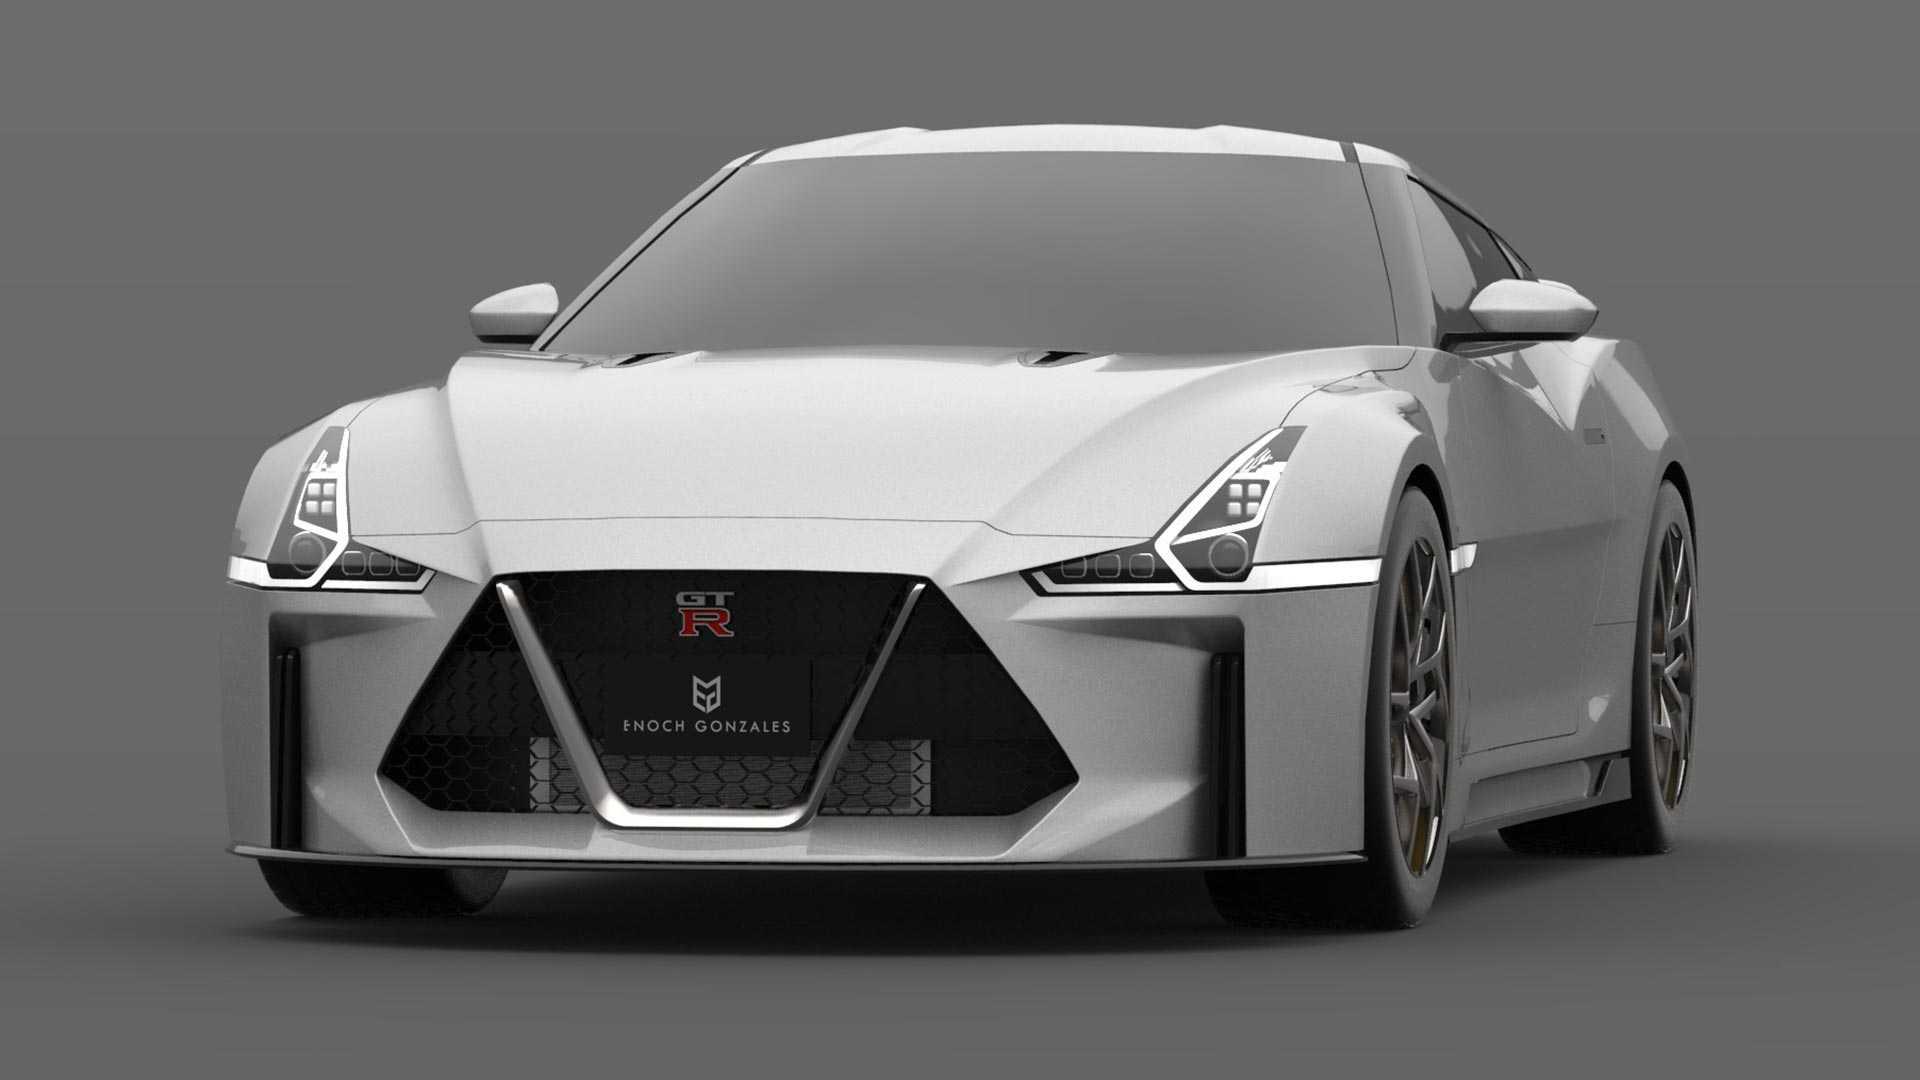 Auto Klub - NOVI NISSAN GT-R vjerojatno će imati hibridni pogon, a evo i  kako bi mogao izgledati!